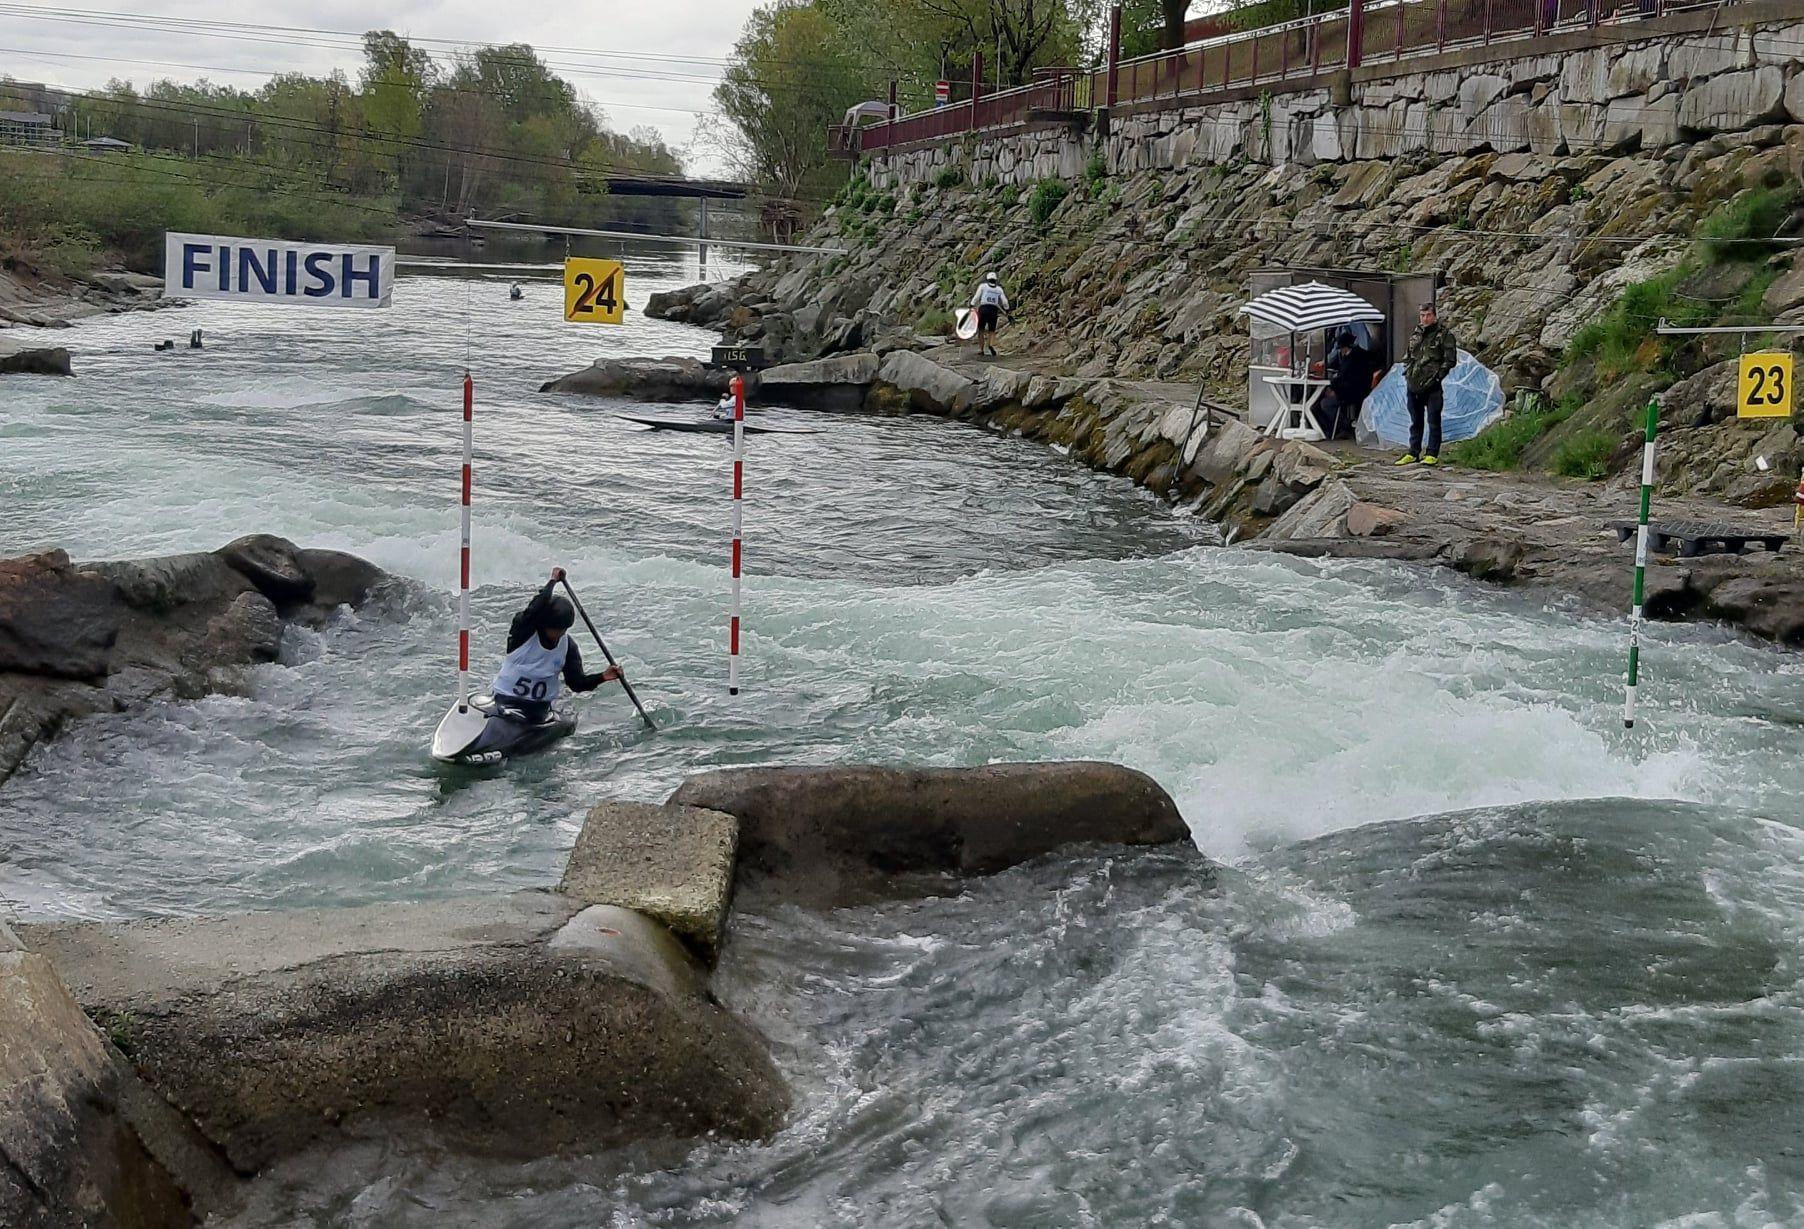 CANOA - Europei a Ivrea, rigido protocollo sanitario e tamponi agli atleti per tenere il covid alla larga